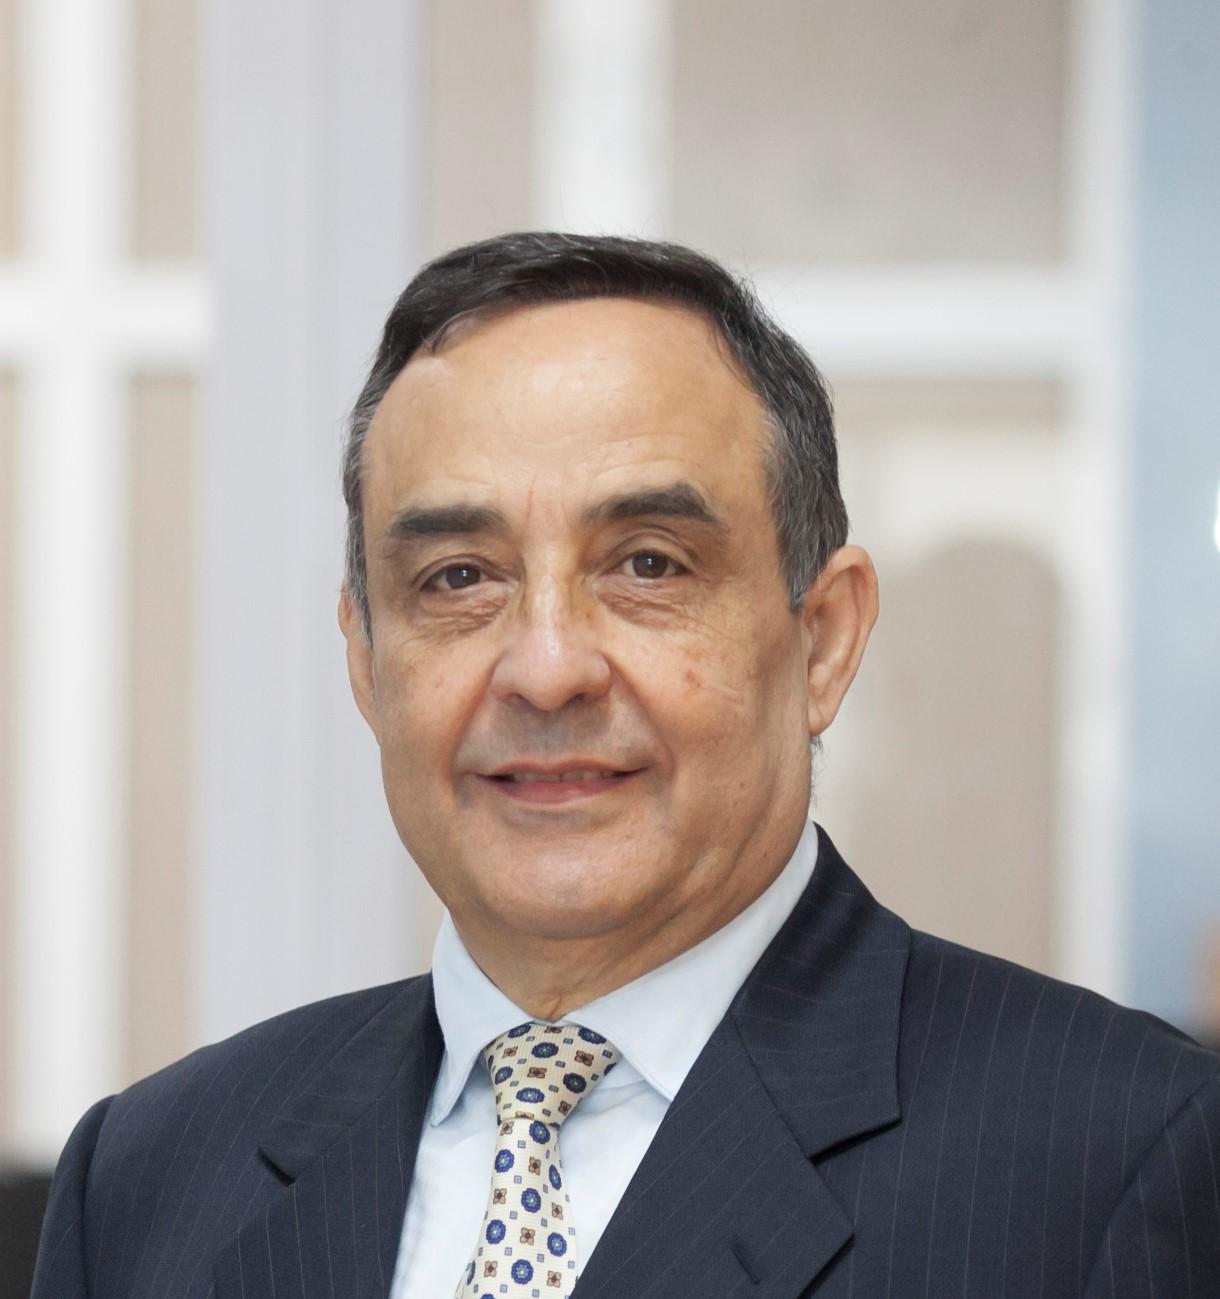 Photo of Antonio Berlanga